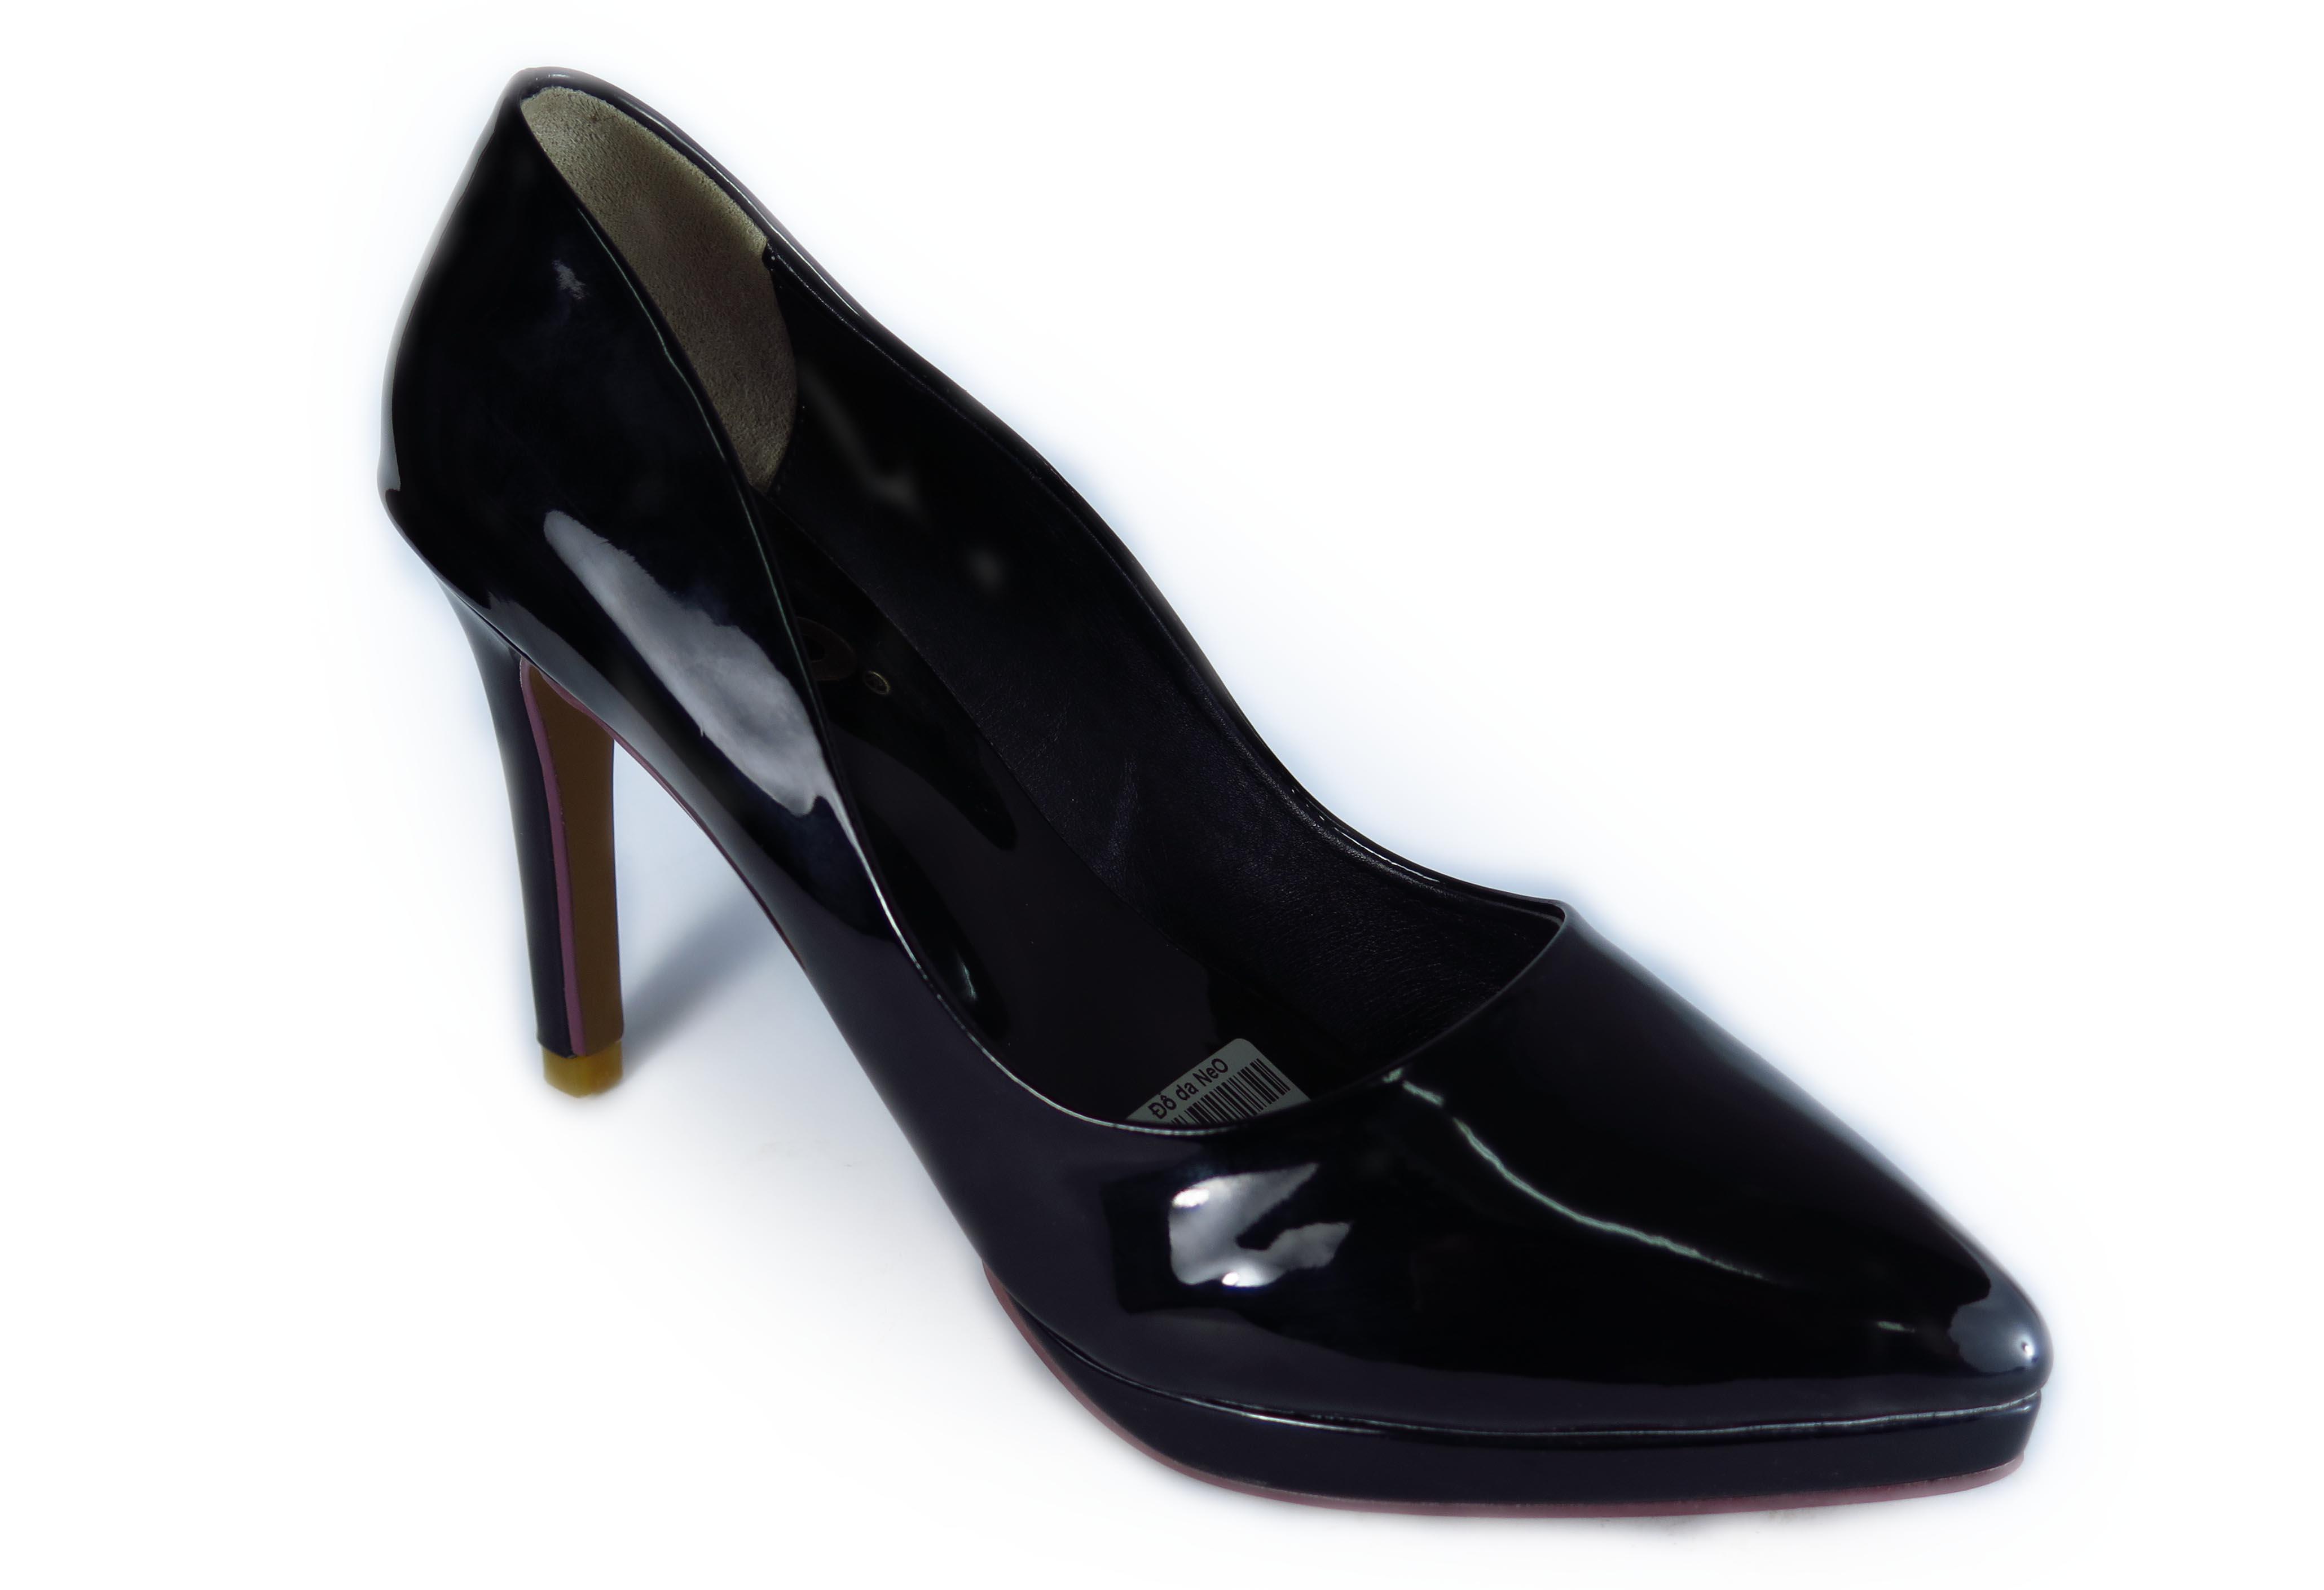 Giày nữ cao 9cm, 2 đế, mũi nhọn, màu đen bóng